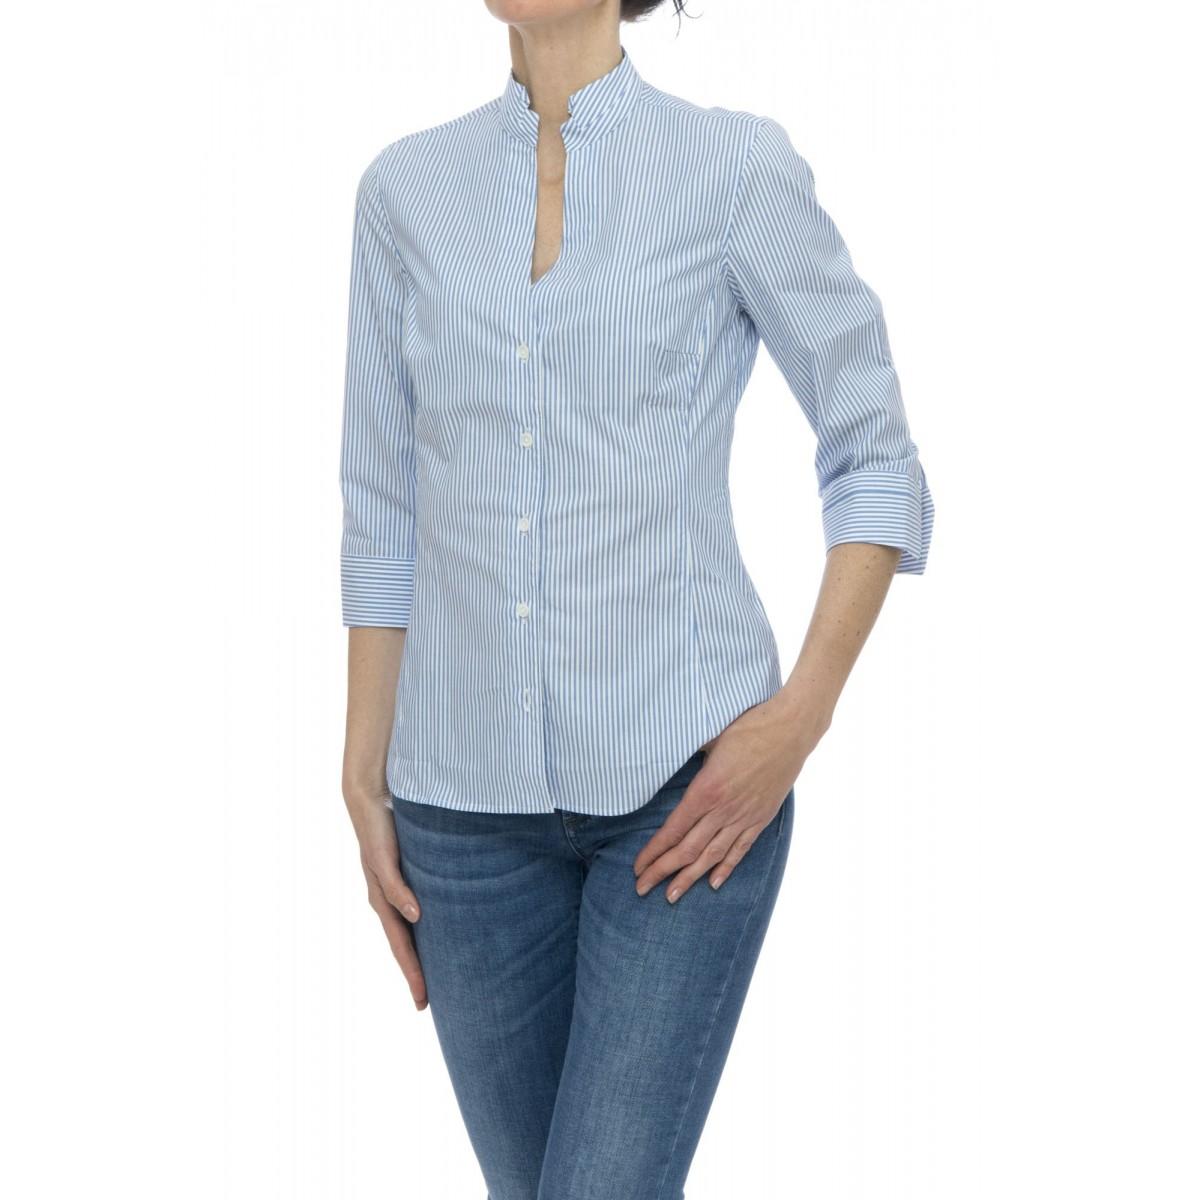 Camicia donna - Rn1 srz